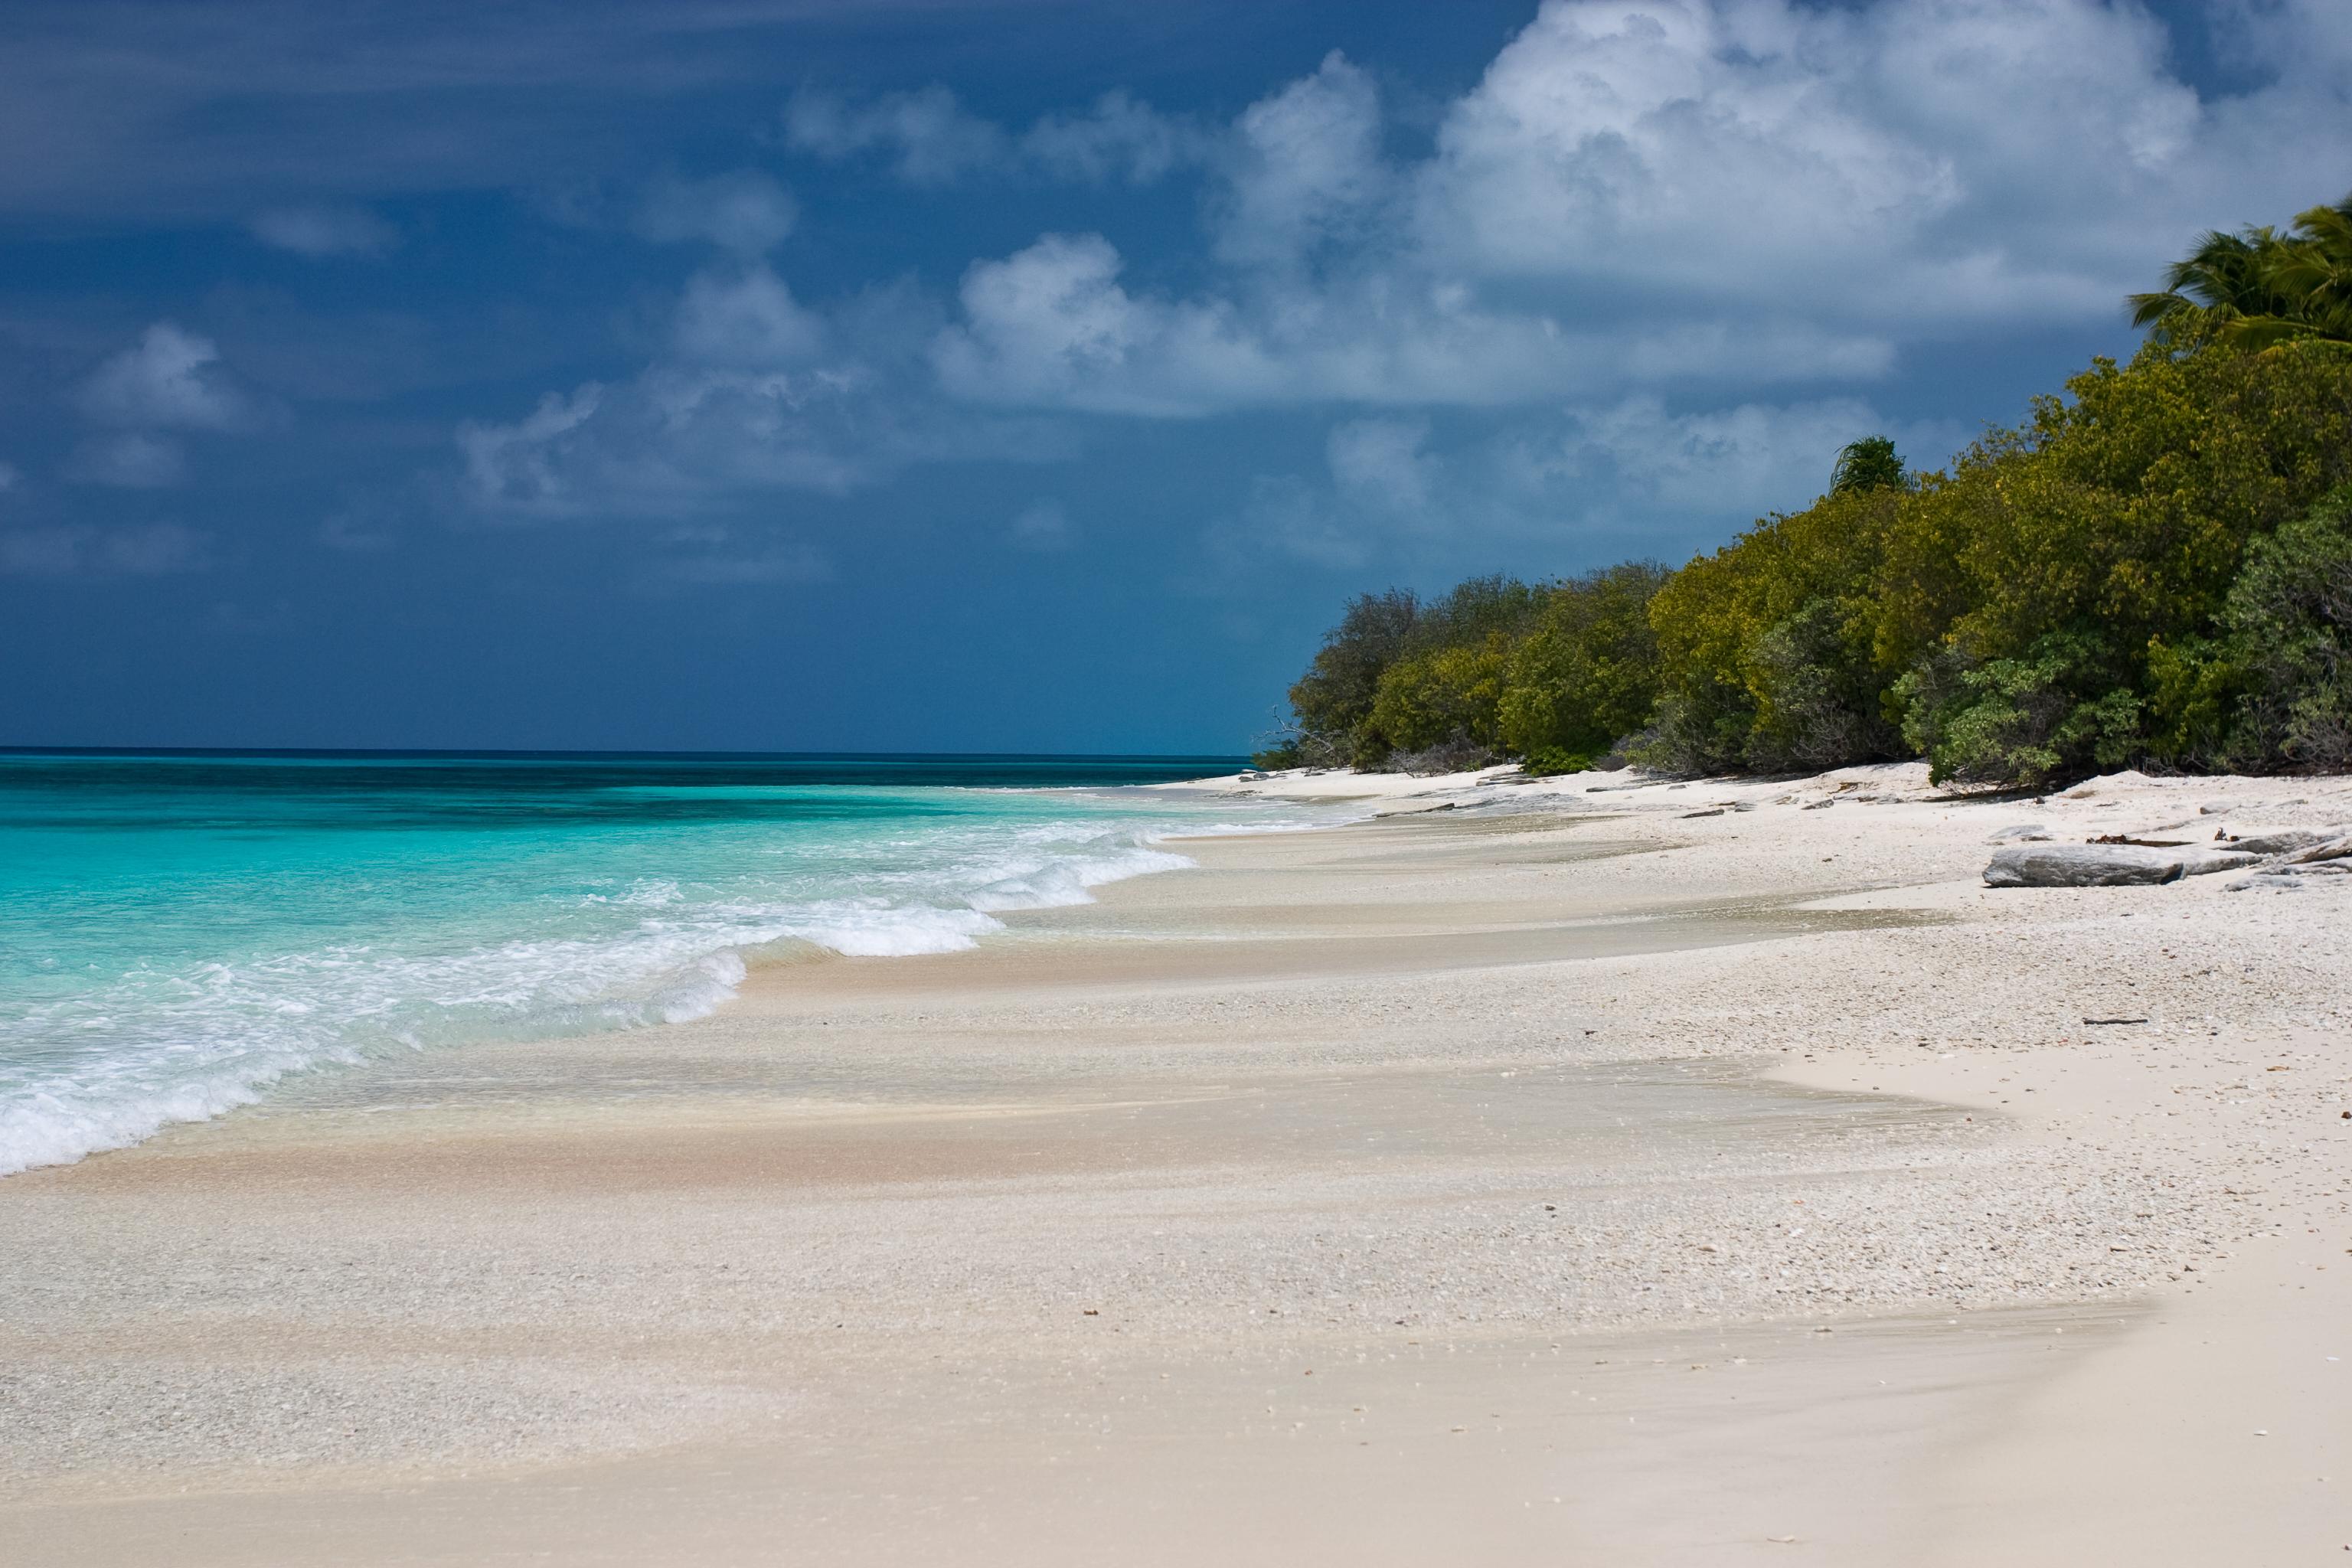 """Атолът Бикини - това райско кътче в Тихия океан е превърнато в смъртоносно място от хората. Между 1946 г. и 1958 г. тук са извършени 23 ядрени опитa от американските въоръжени сили. Атолът е наричан Бикини от местното население, което на местния език означава """"кокосово поле"""". Плажовете на островите му са с пясък като коприна. Но за военни цели атолът е превърнат в радиоактивна пустош. Жителите са принудени да изоставят домовете си и до днес това място е опасно за живите организми. Консумирането на местни продукти, например плодове, може да добави значително количество радиация в организма. Официално мястото е обявено за безопасно през 1997 г. от Международната агенция за атомна енергия. Реално обаче заселваното там """"не се препоръчва""""."""